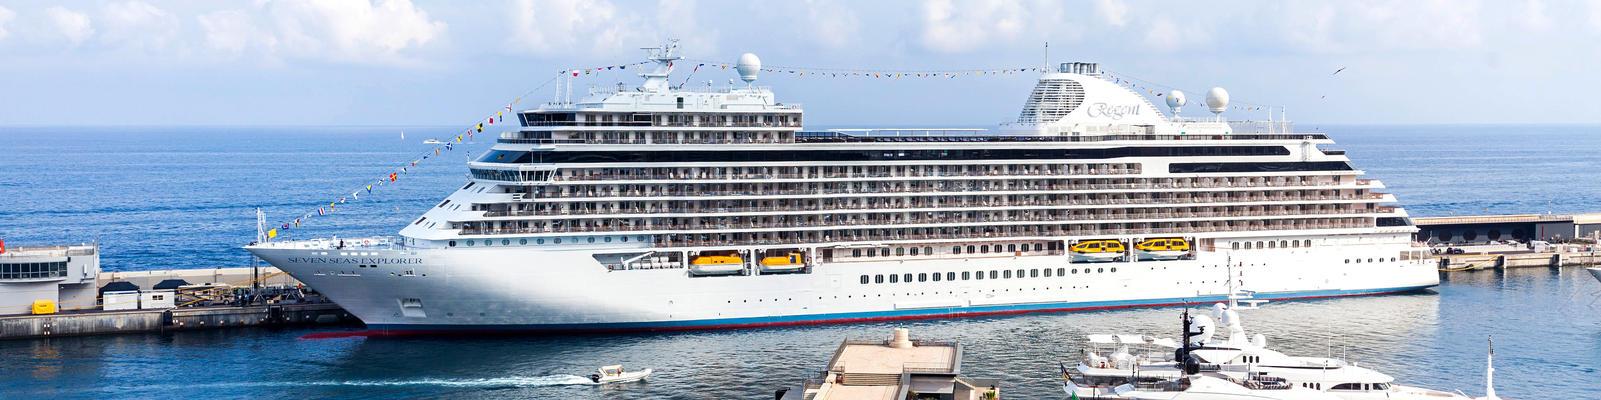 Seven Seas Explorer (Photo: Cruise Critic)